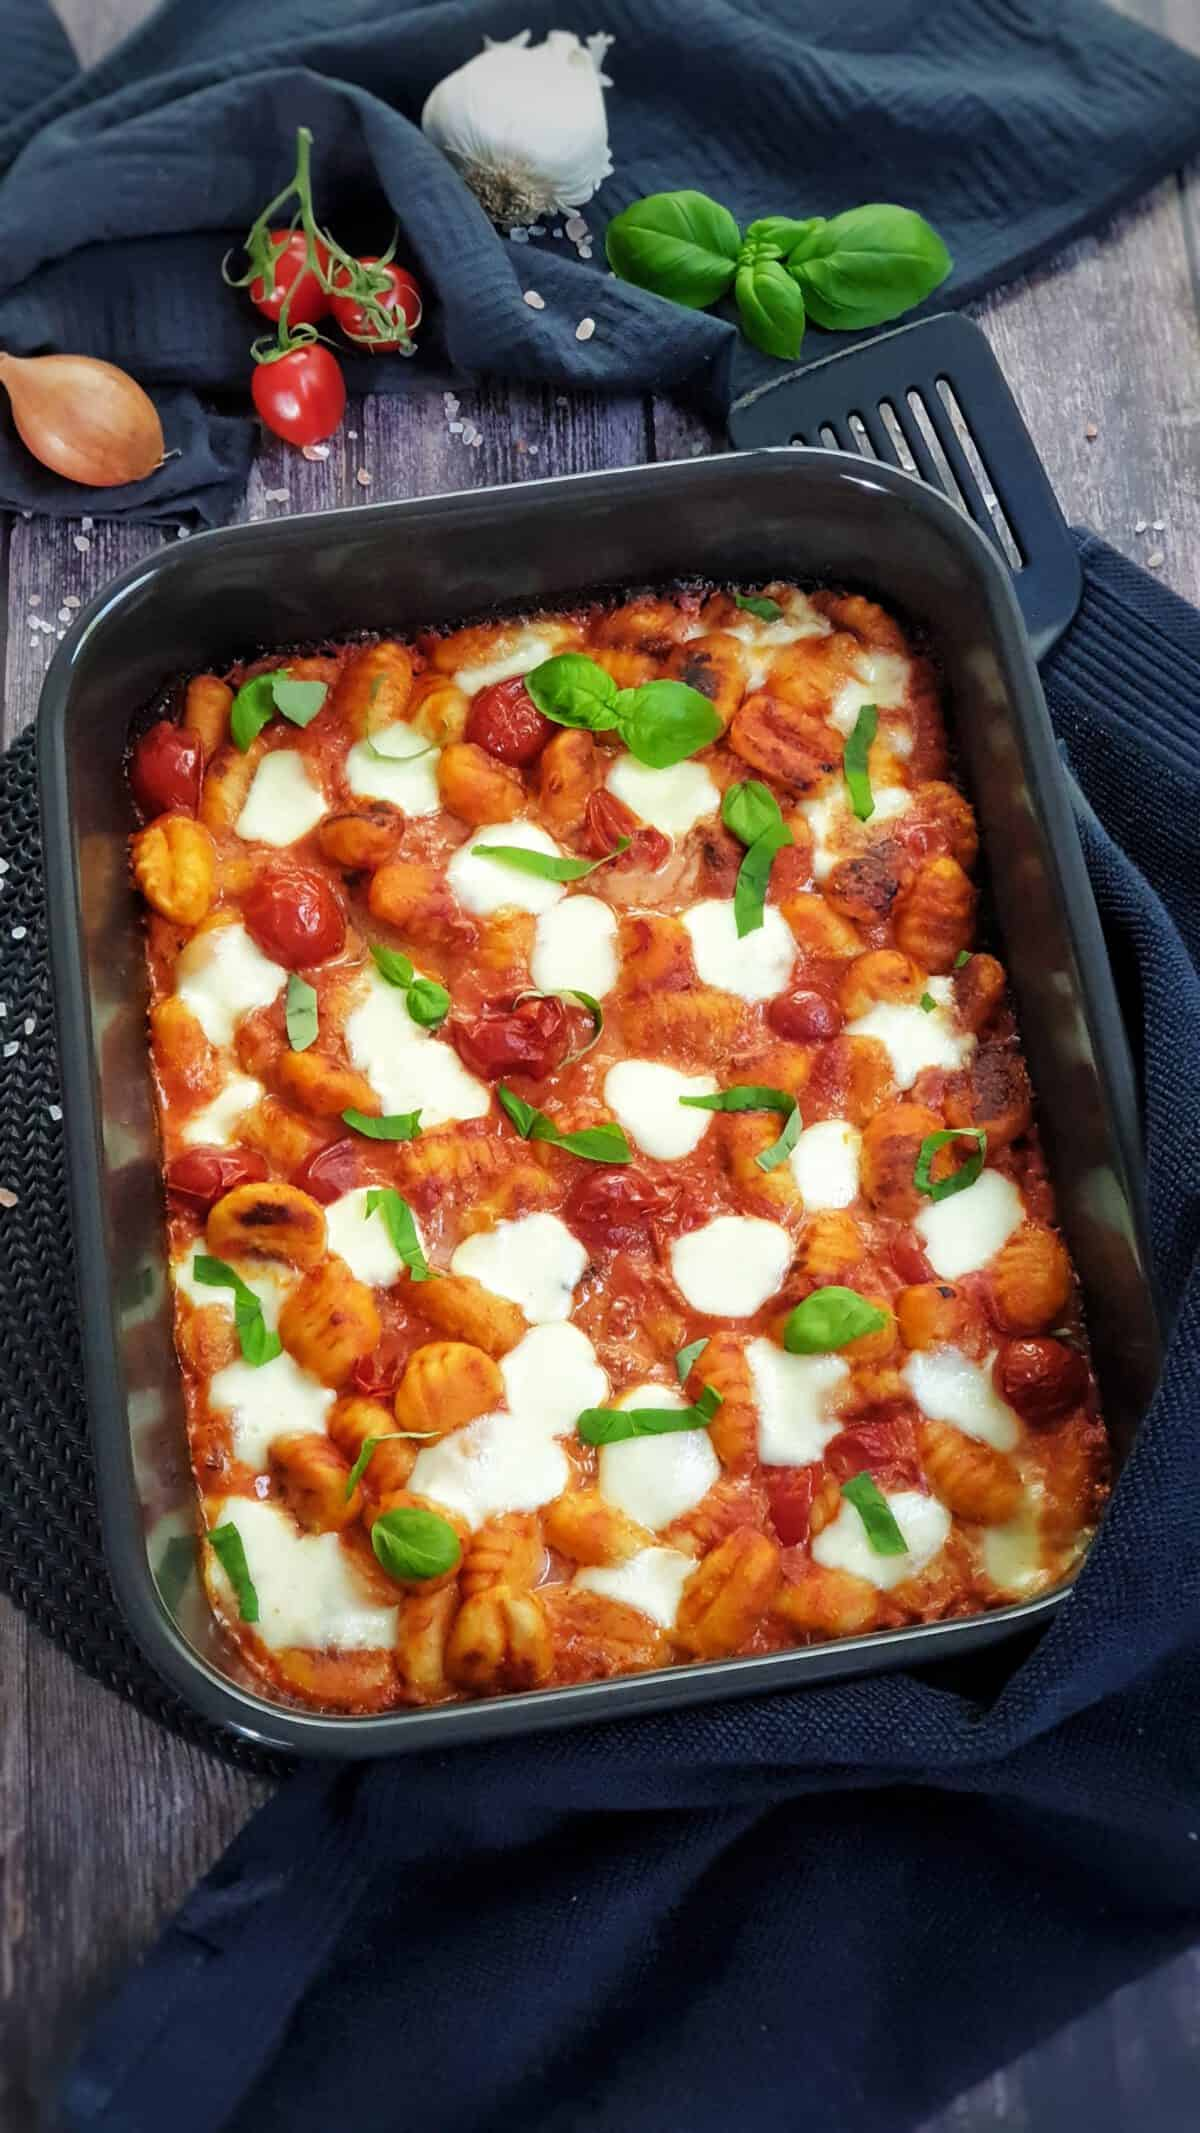 In einer dunklen Auflaufform ein Gnocchi Auflauf mit Tomate und Mozzarella überbacken. Mit Basilikum garniert. Im Hintergrund Deko.